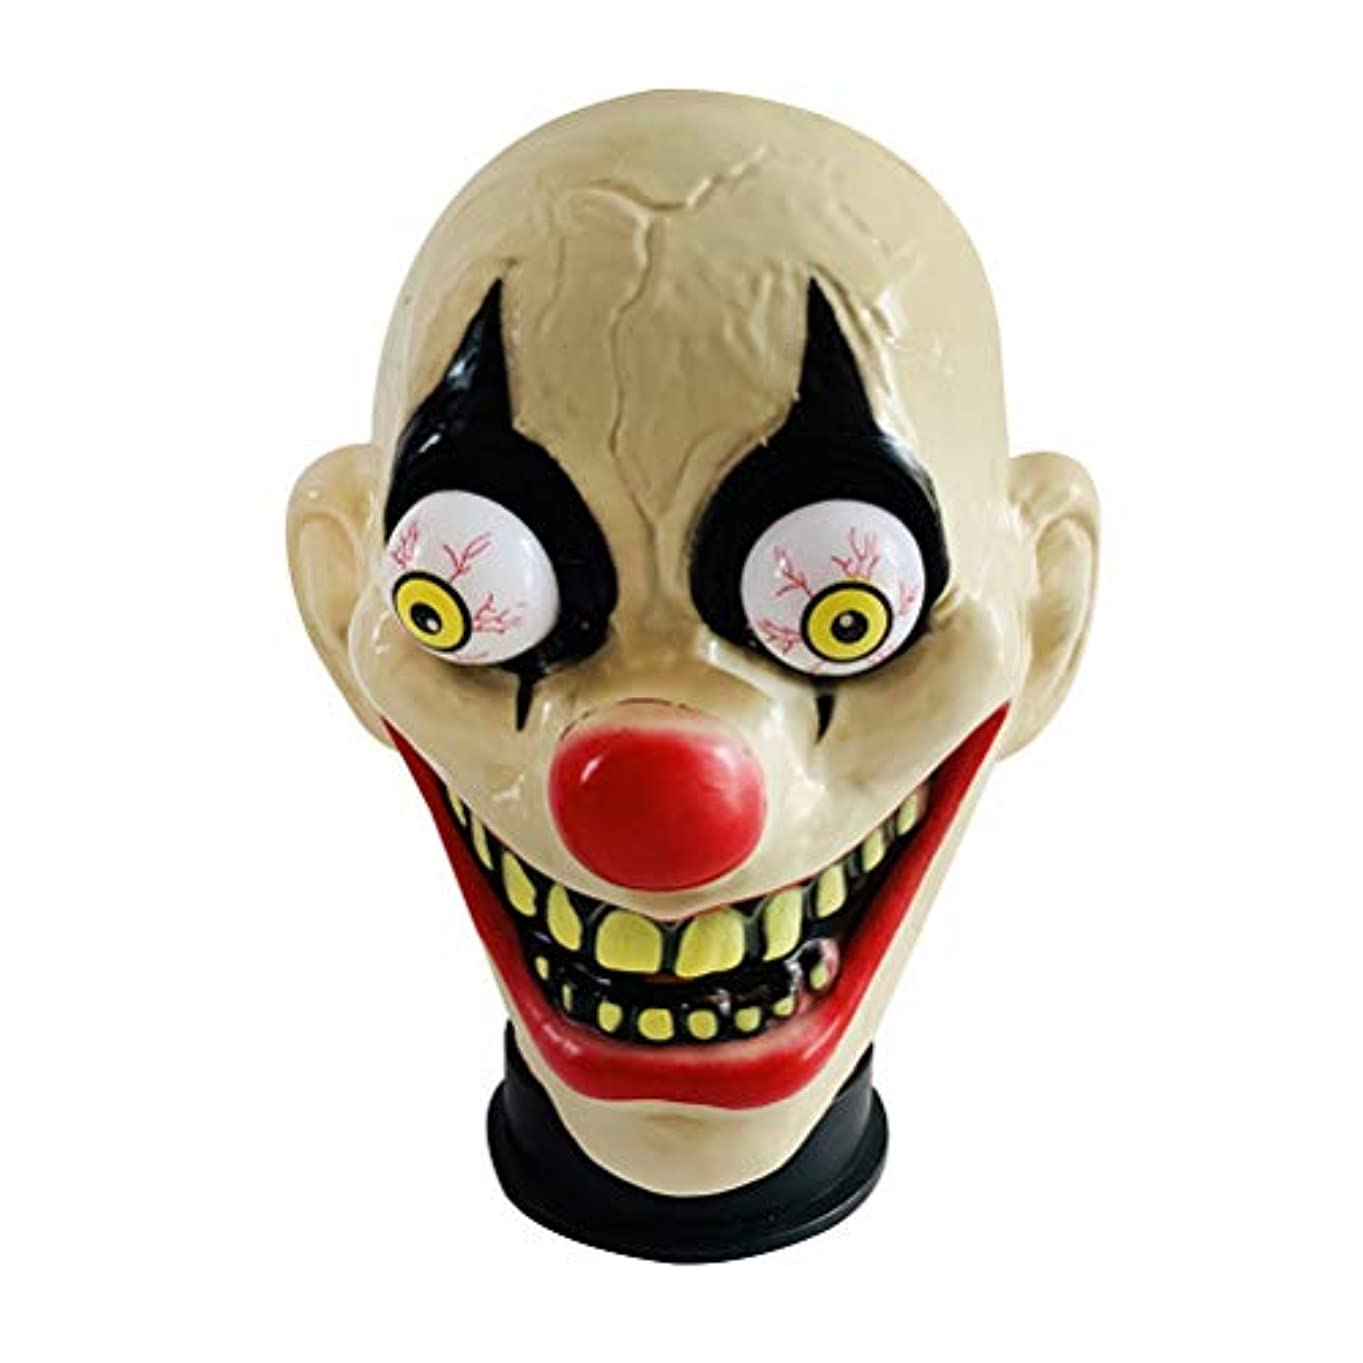 出身地終わり音節BESTOYARD ハロウィーン怖いピエロマスクテロホラーピエロヘッドカバーハロウィンコスプレパーティー用男性用マスク(ピエロタイプ)